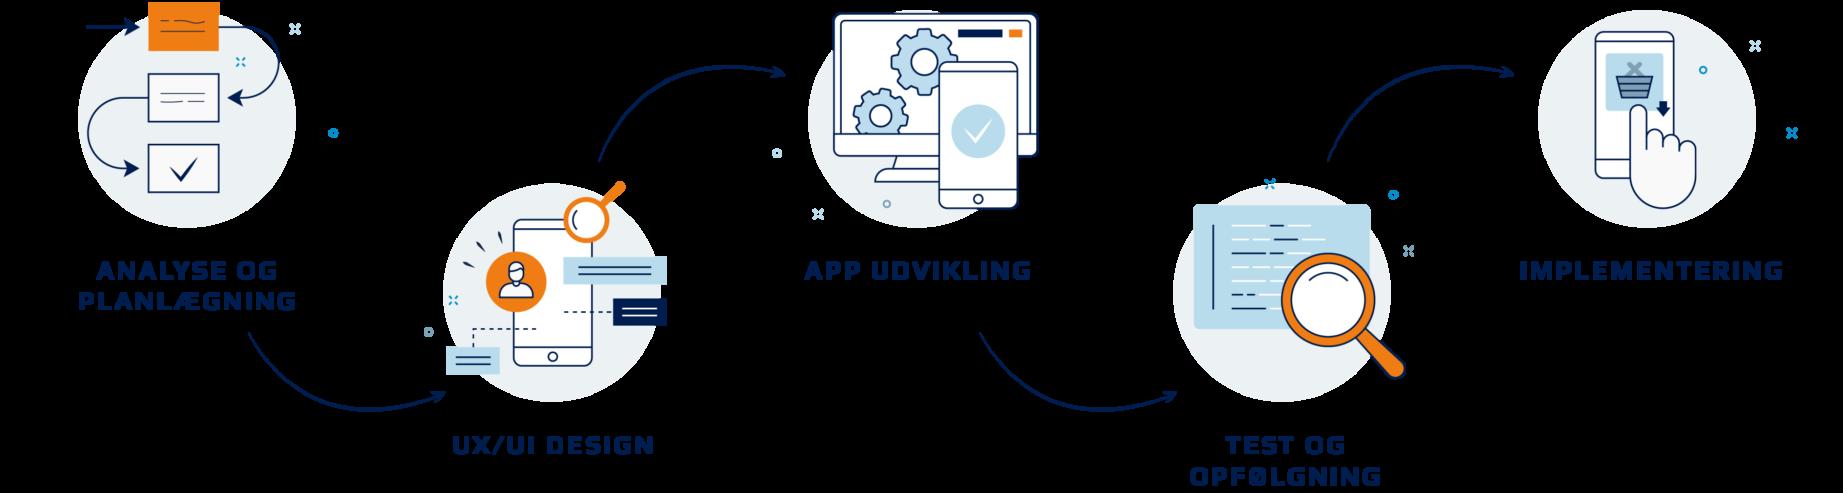 App udvikling proces